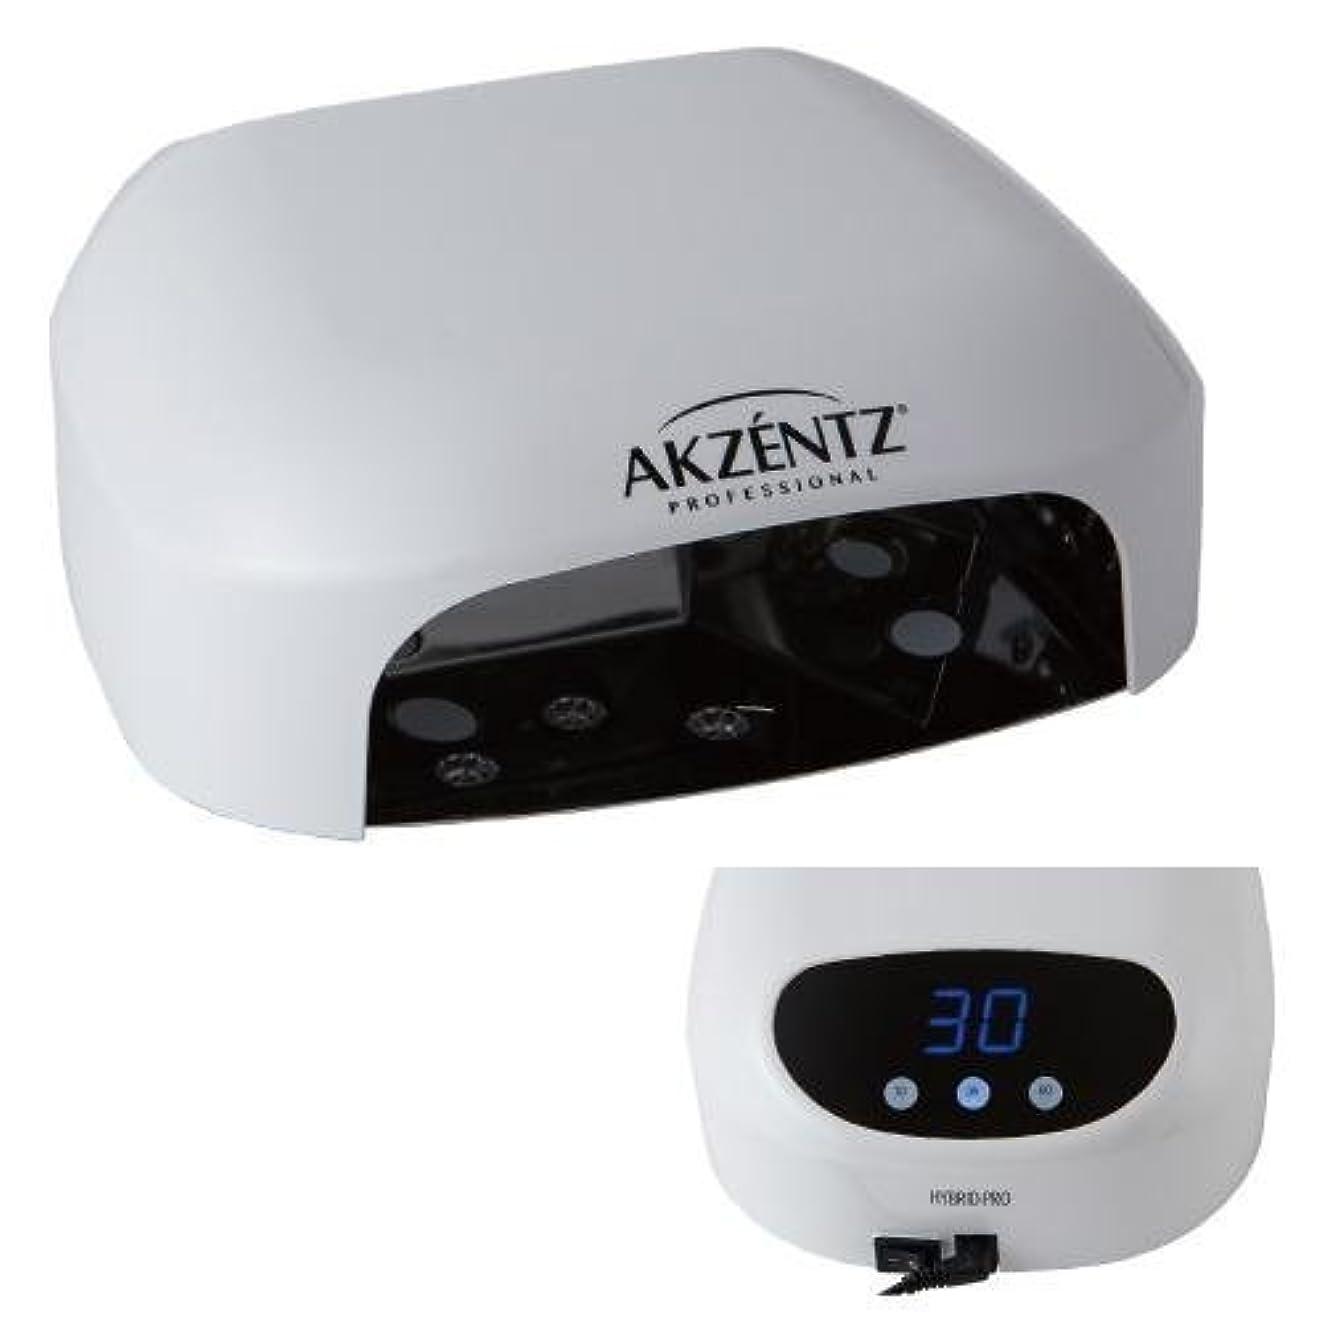 噛む認識ラップAKZENTZ(アクセンツ) ハイブリットプロLEDランプ 36W/タイマー付き